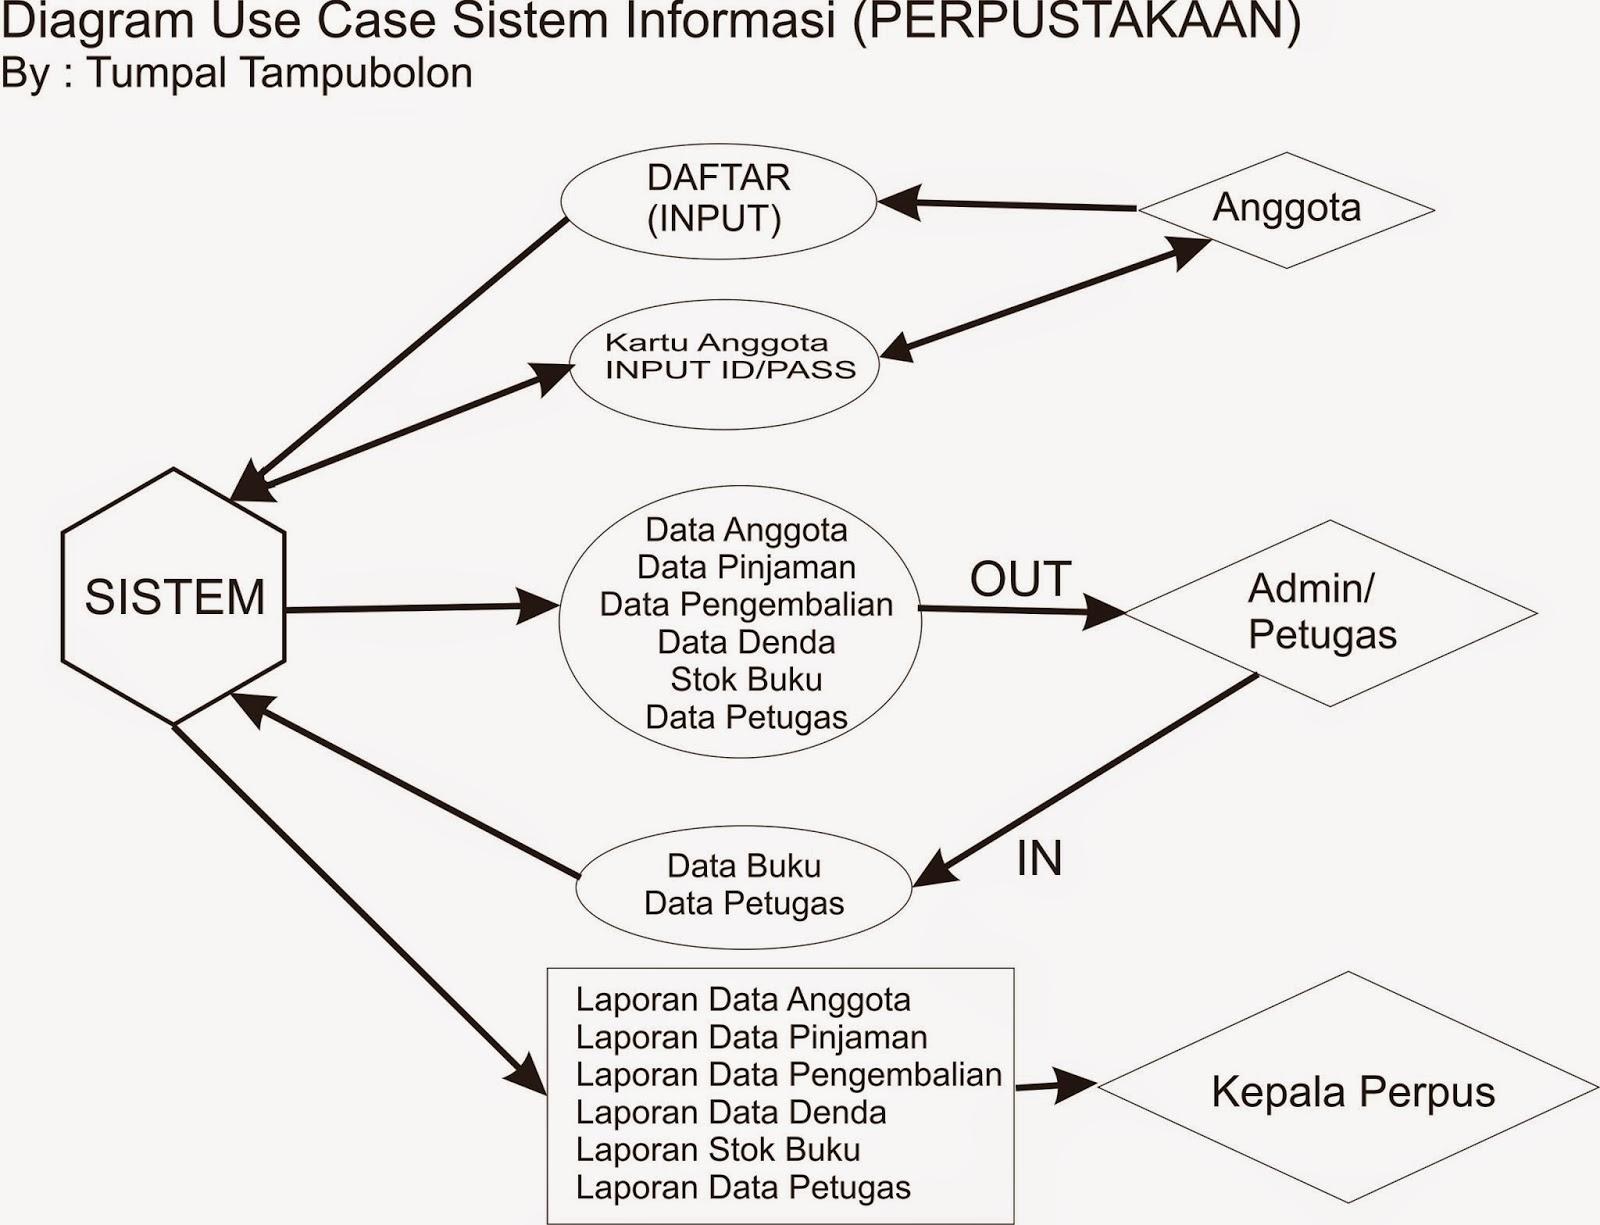 Use Case Diagram Perpustakaan Lengkap